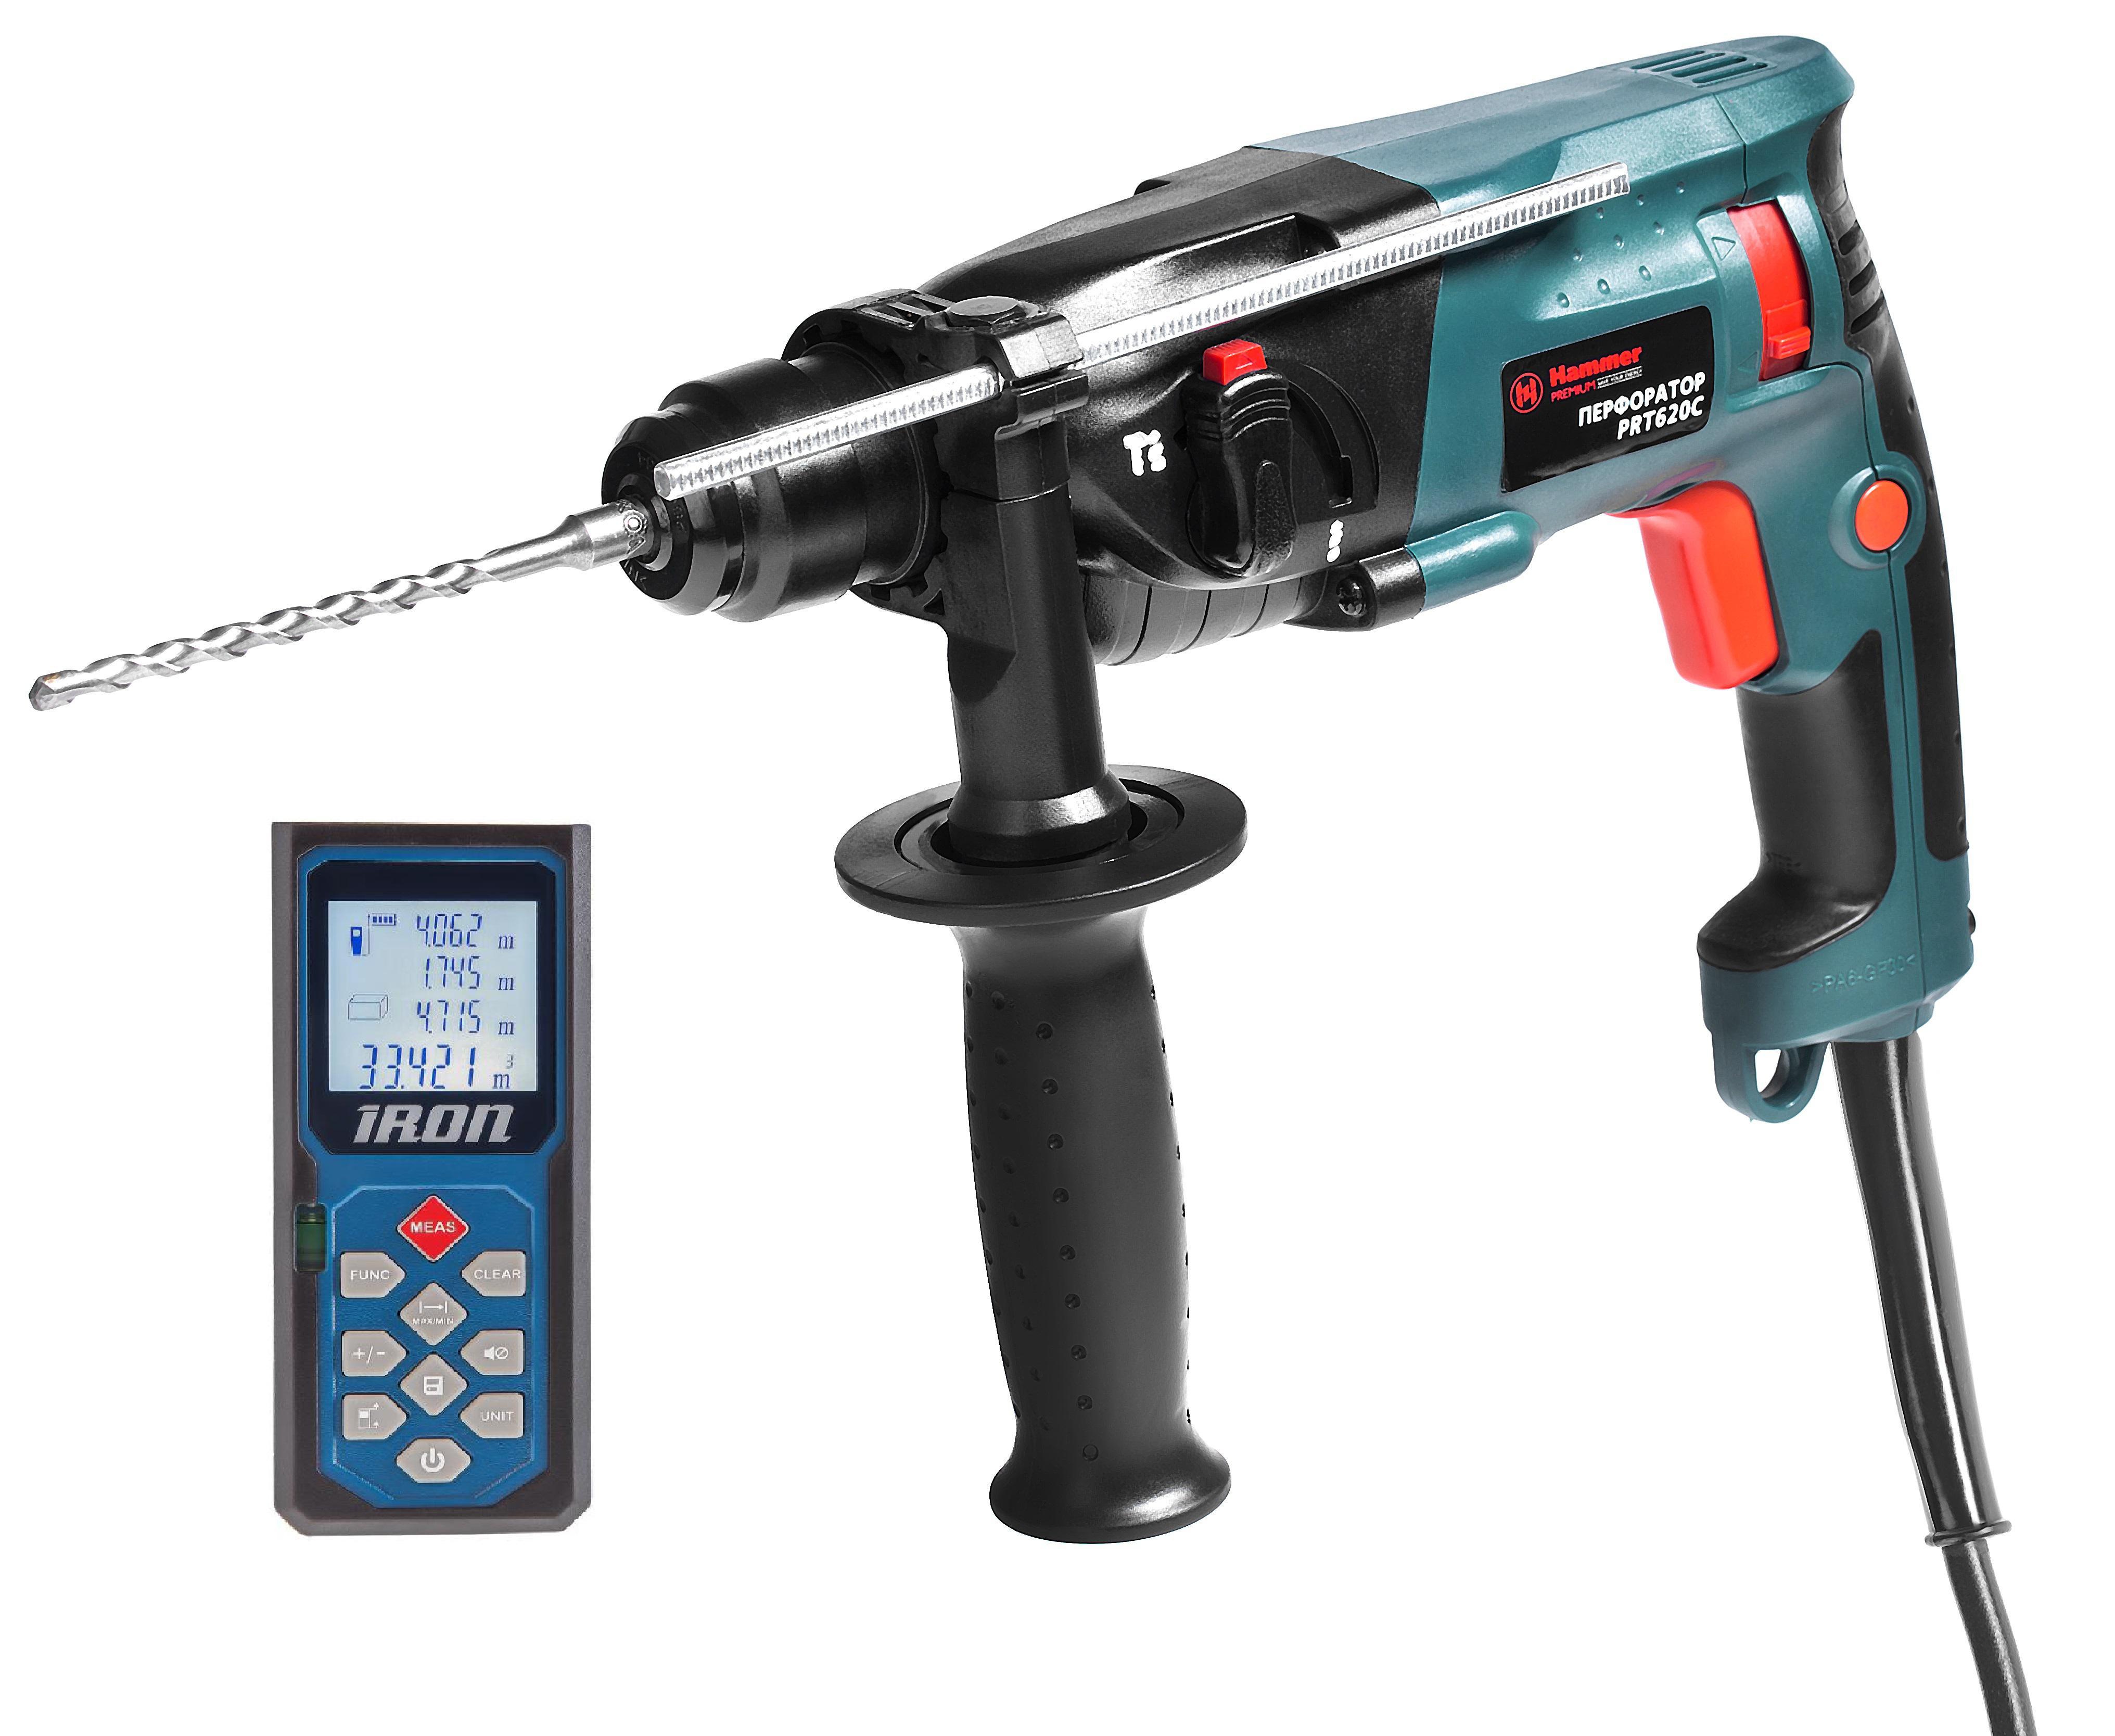 Набор Hammer перфоратор prt620c + дальномер iron la40 перфоратор hammer flex prt 620 le